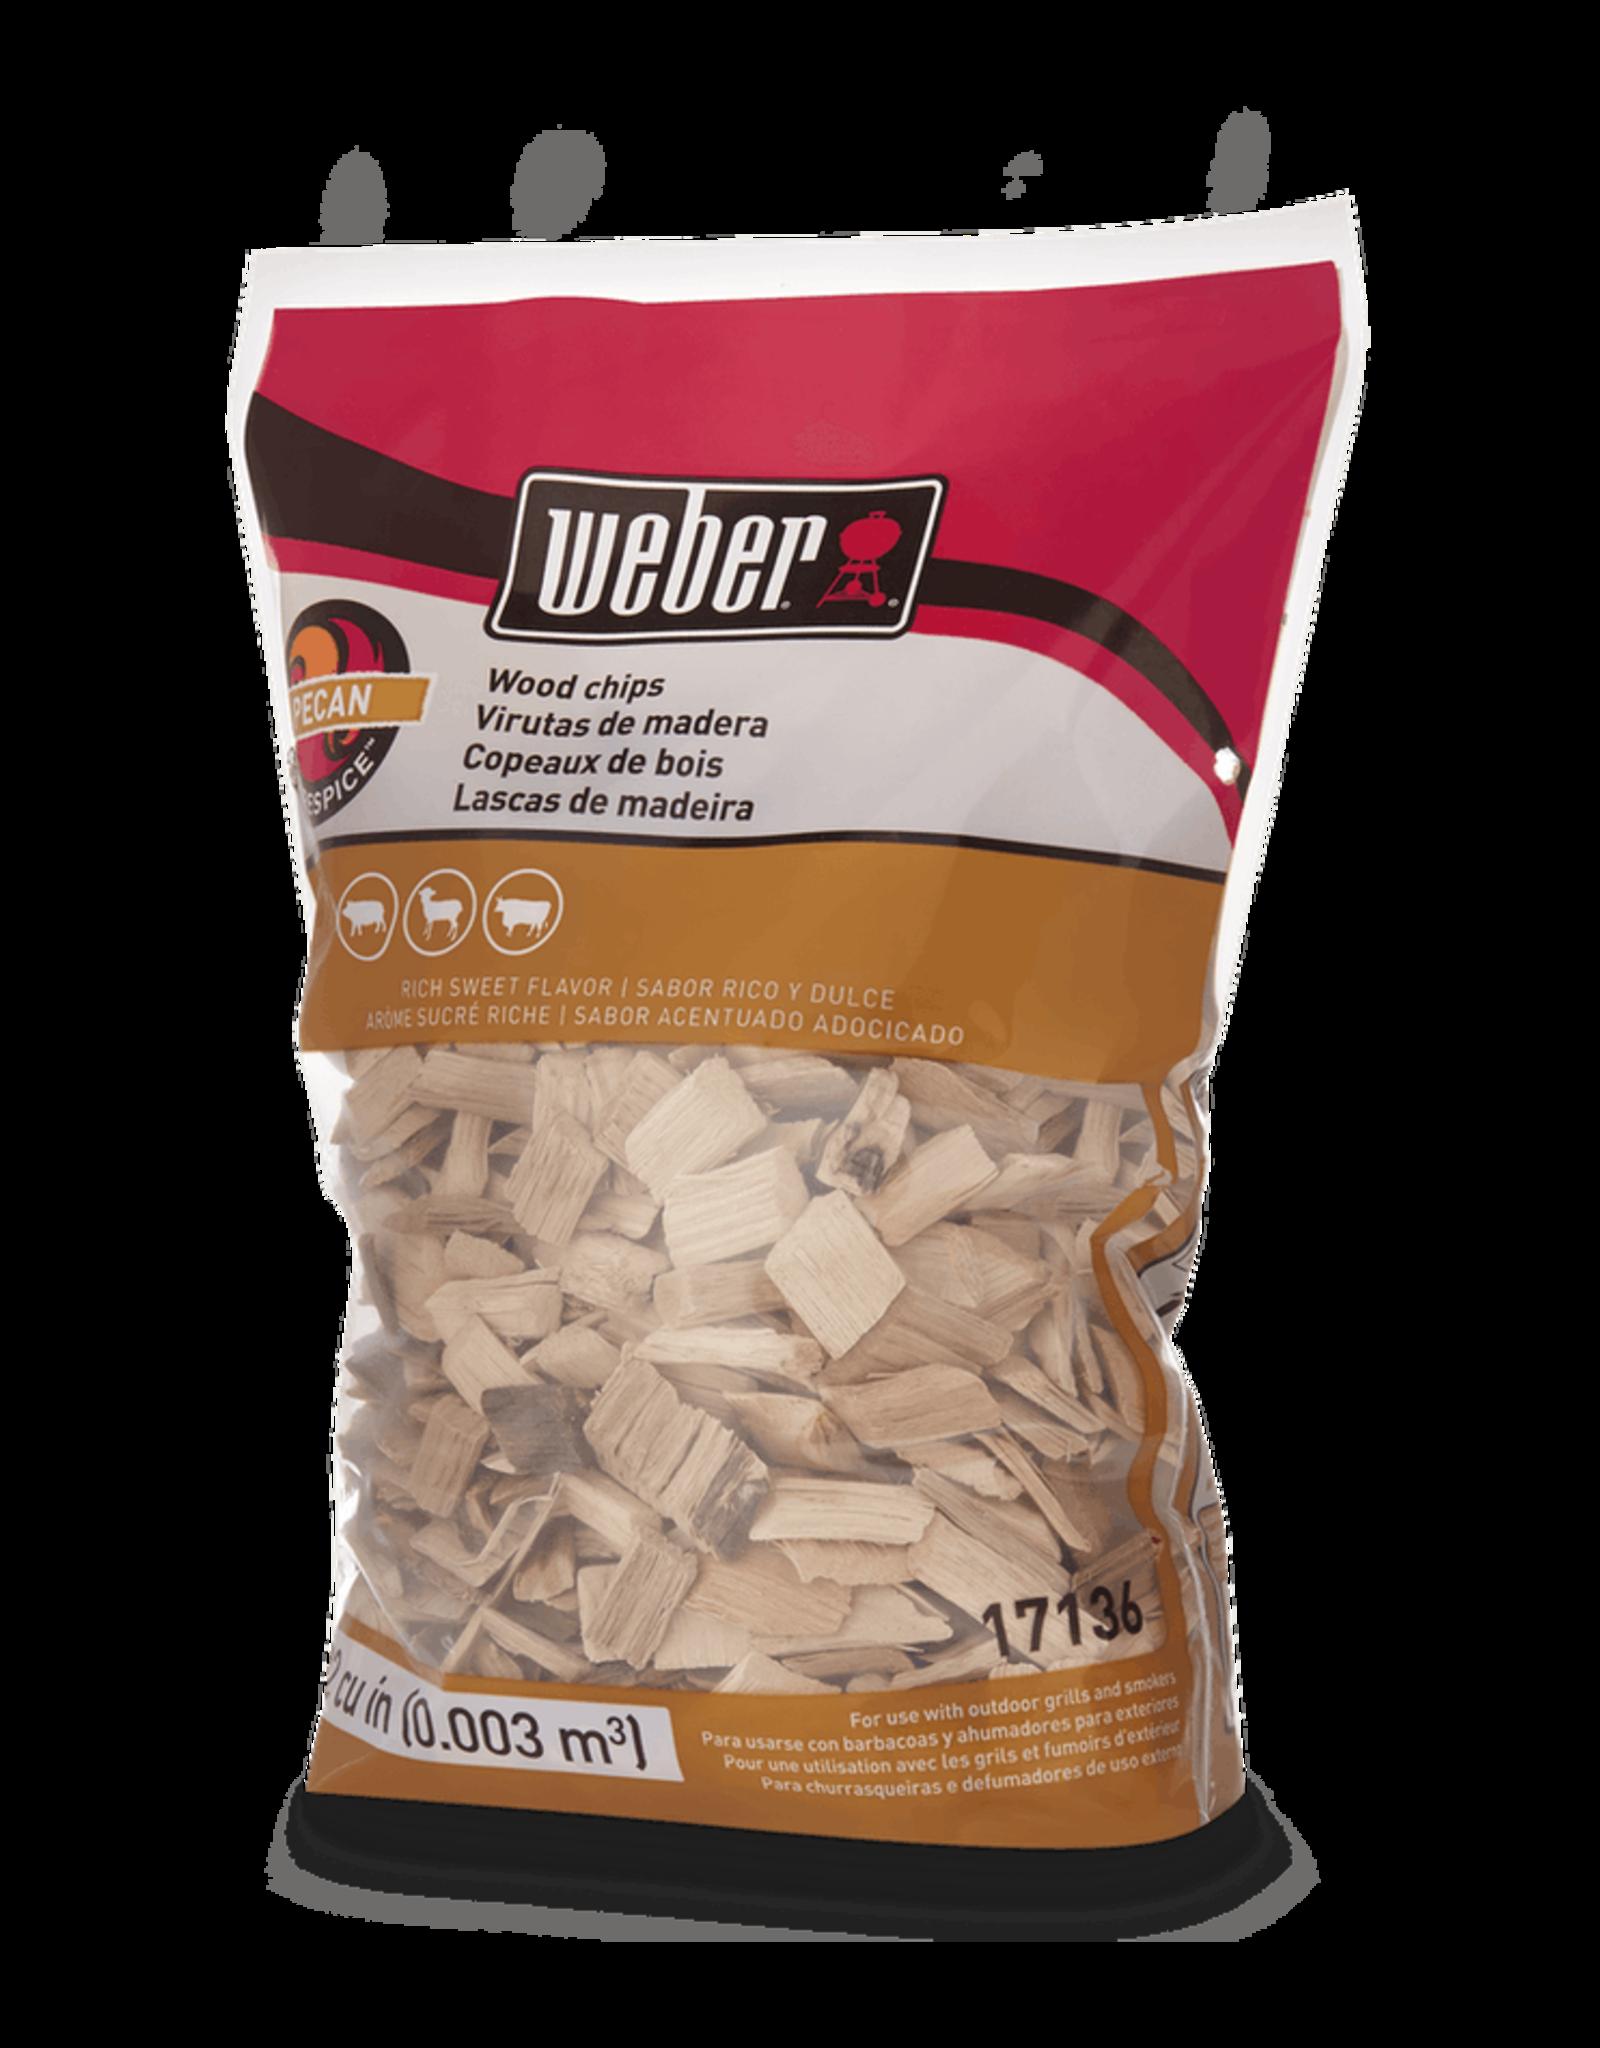 Weber Pecan Wood Chips